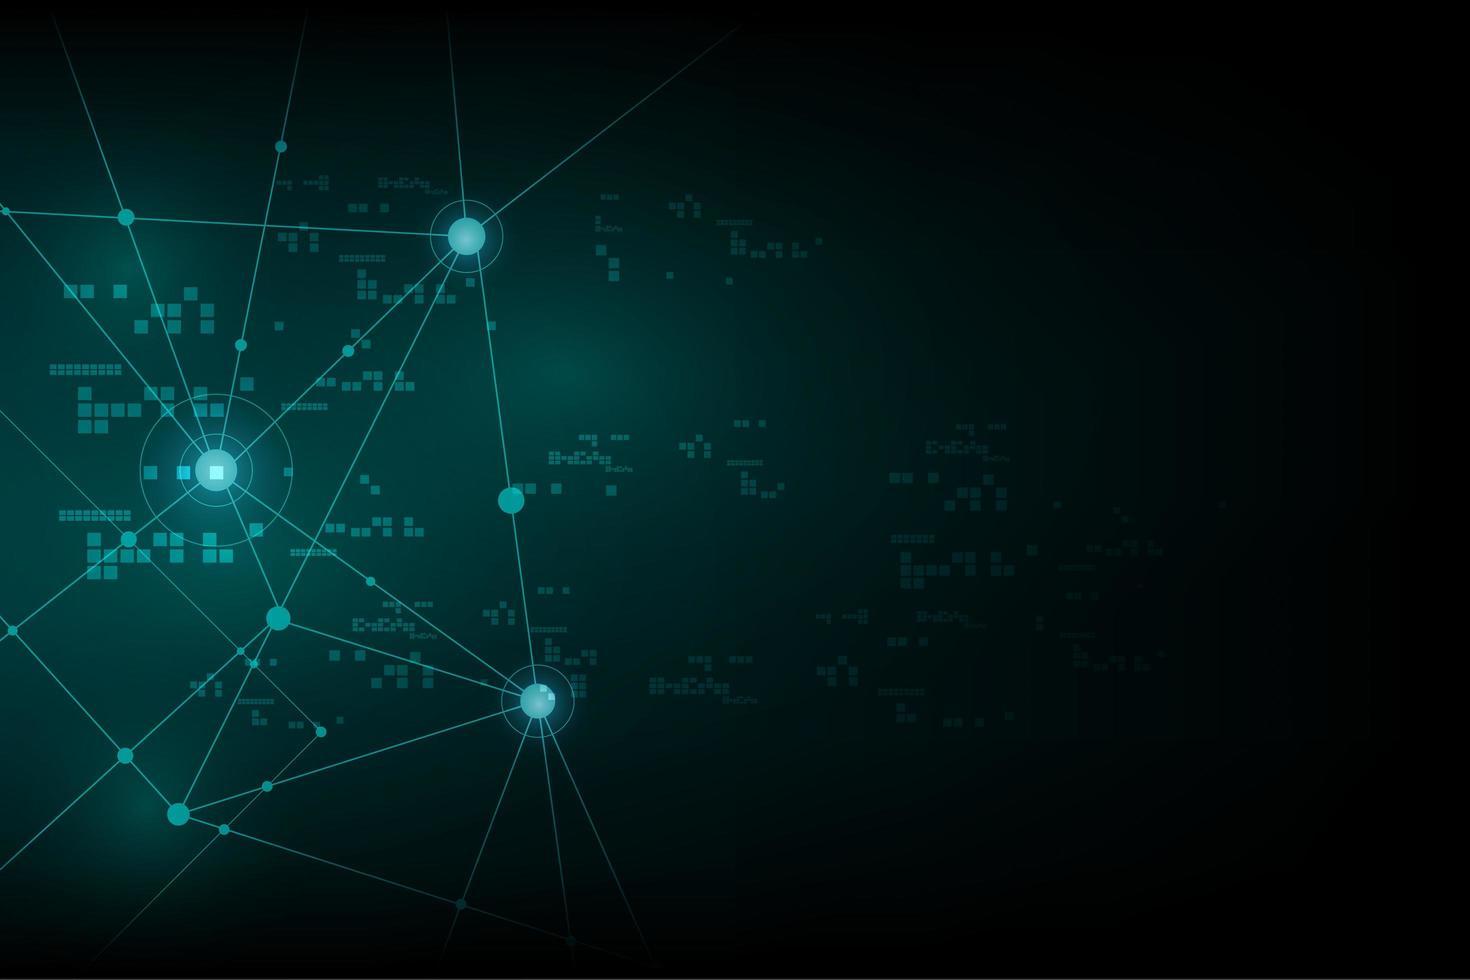 Design von Internet-Netzwerksignalen vektor